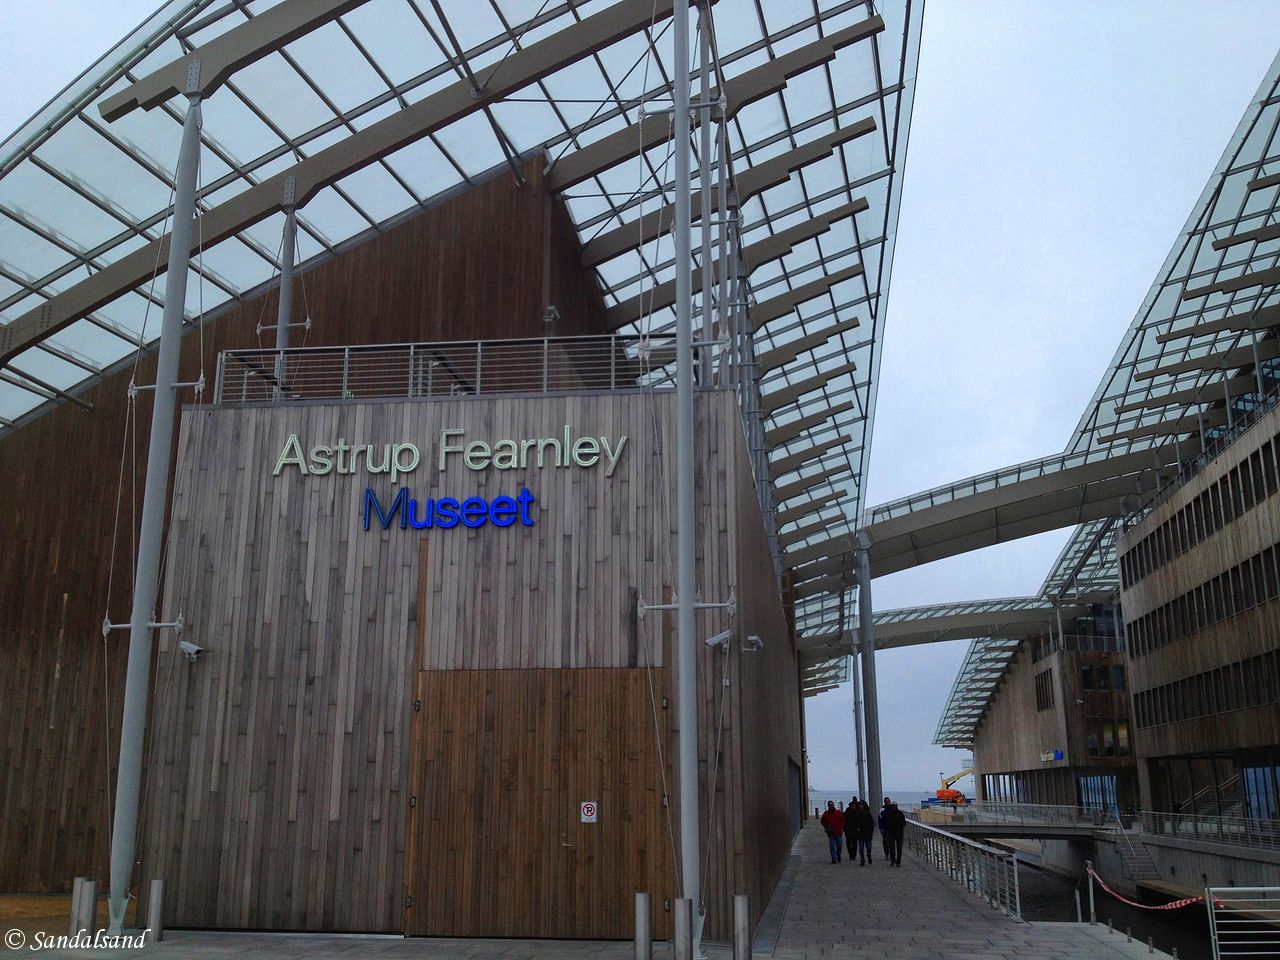 Oslo - Astrup Fearnley museet Tjuvholmen